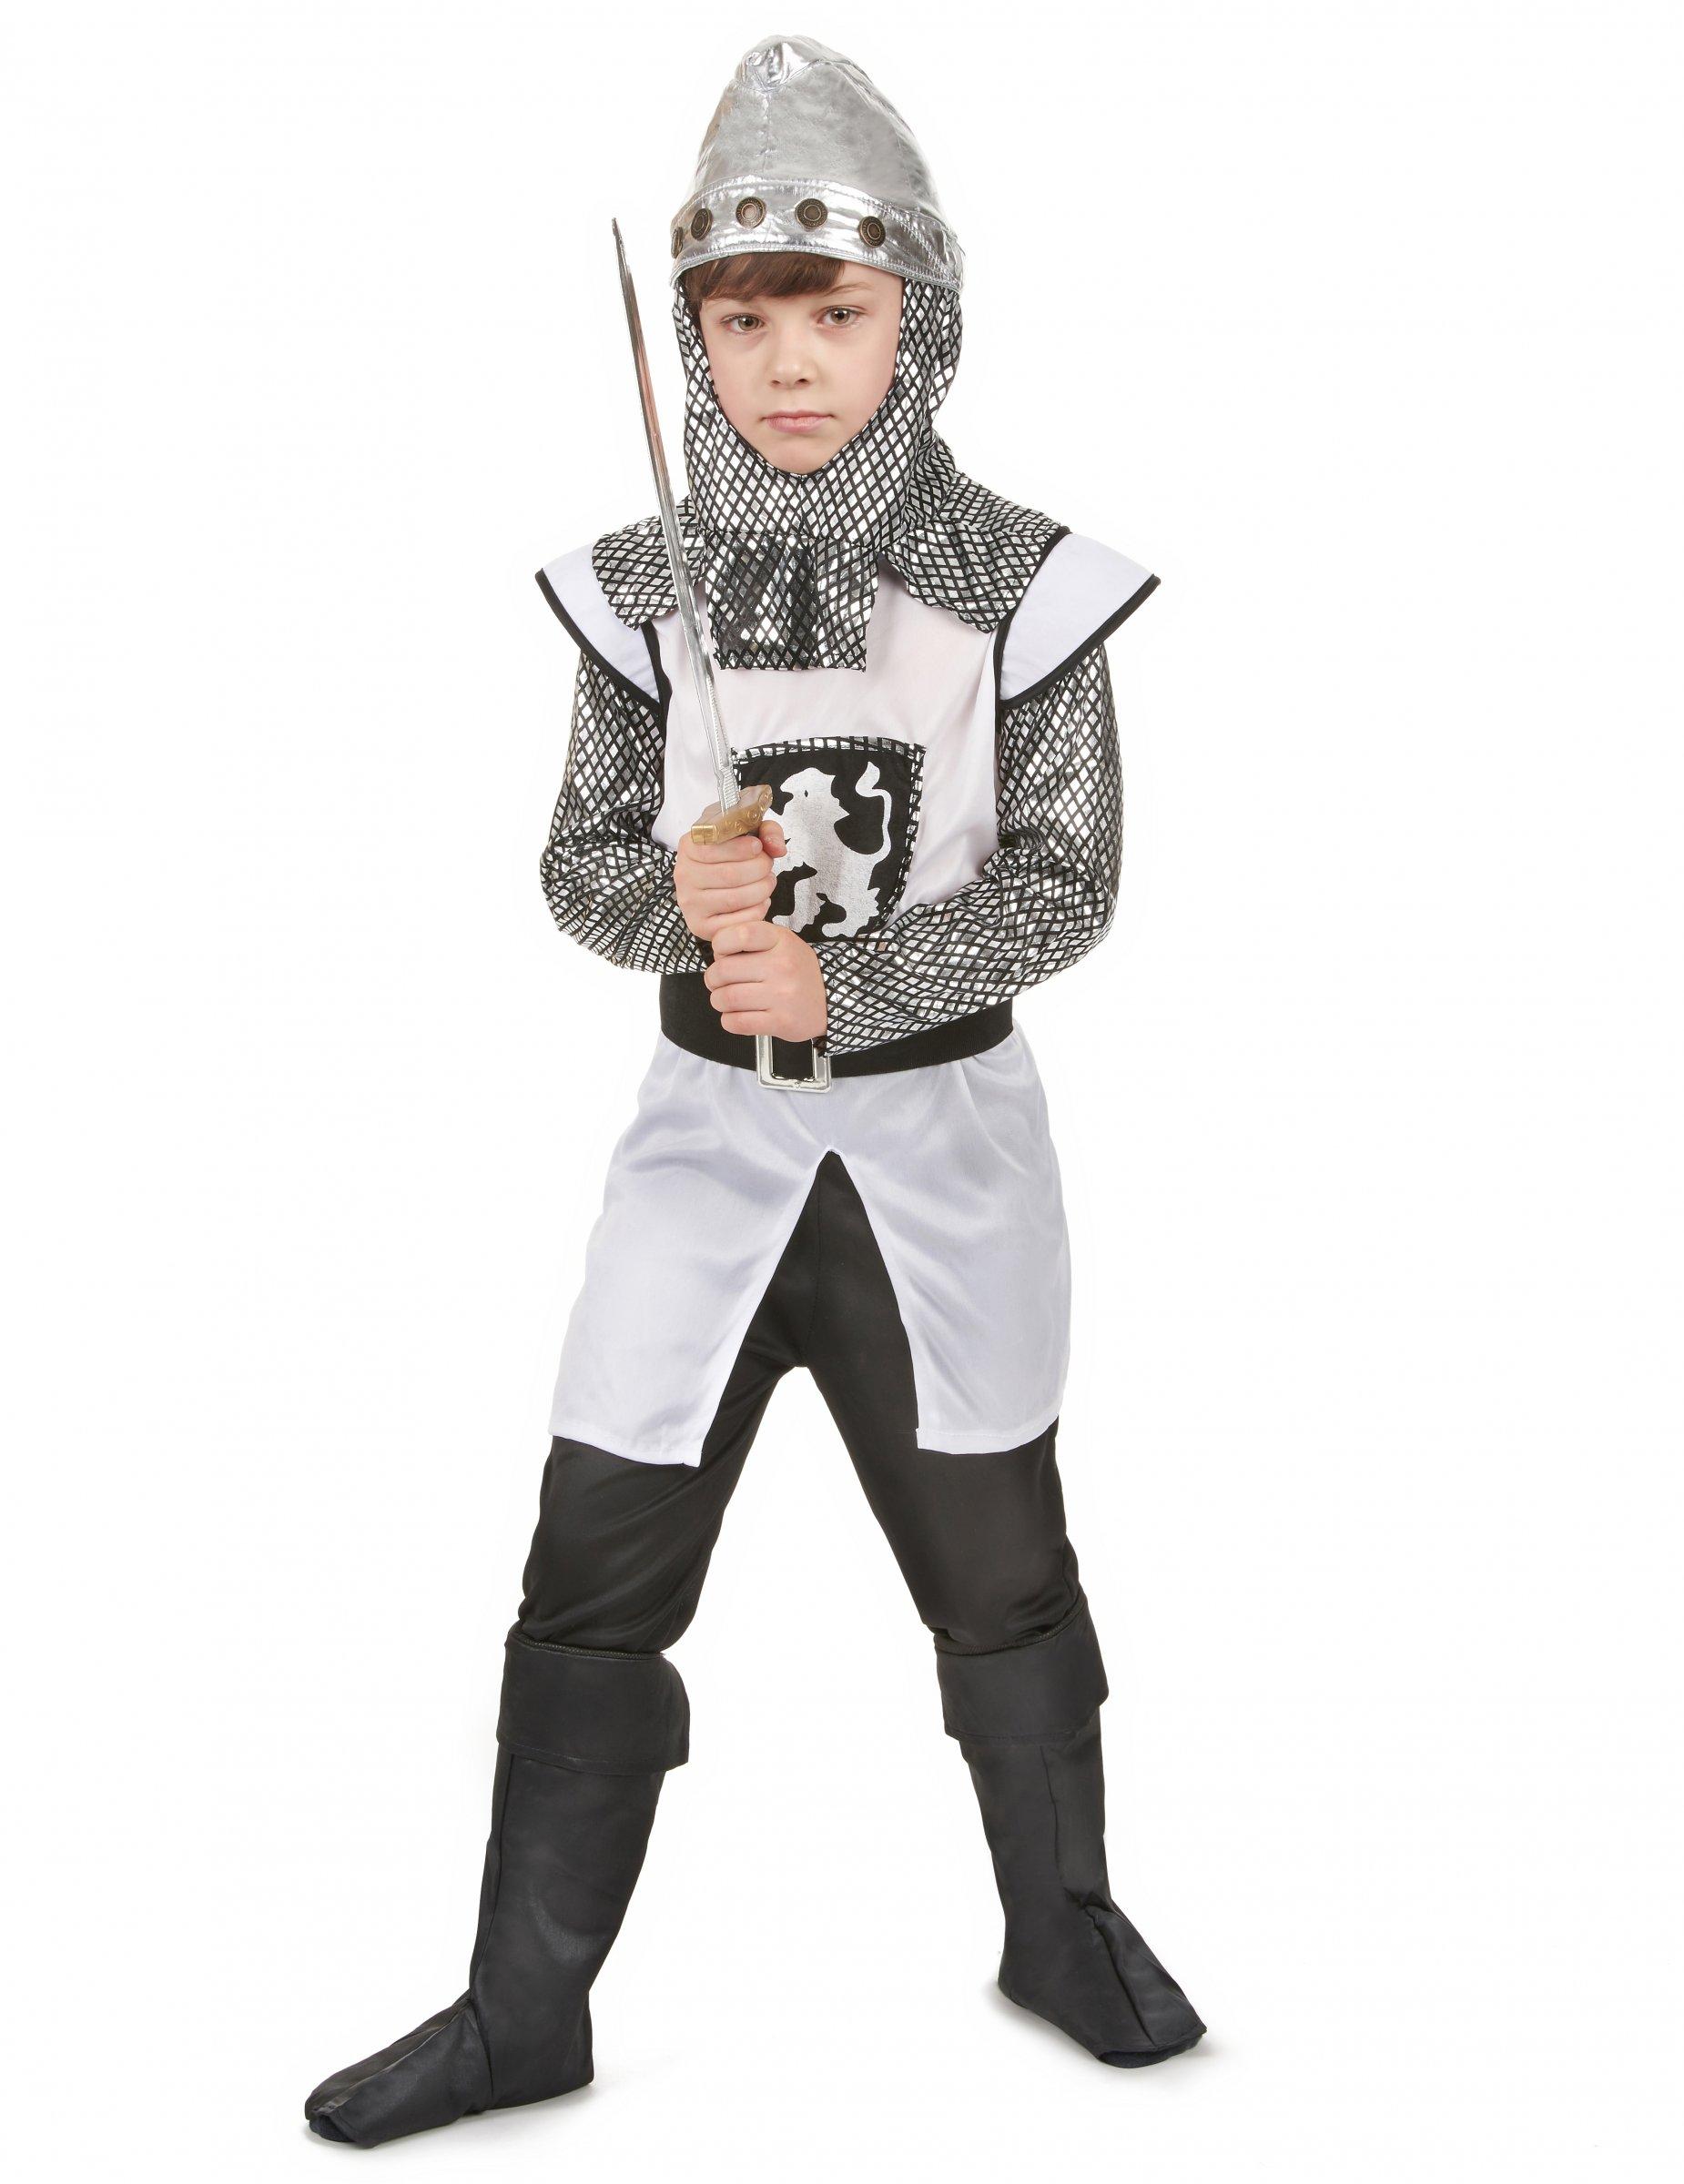 prezzo basso alta qualità rivenditore di vendita Costumi per bambini a tema medievale - Vegaoo.it